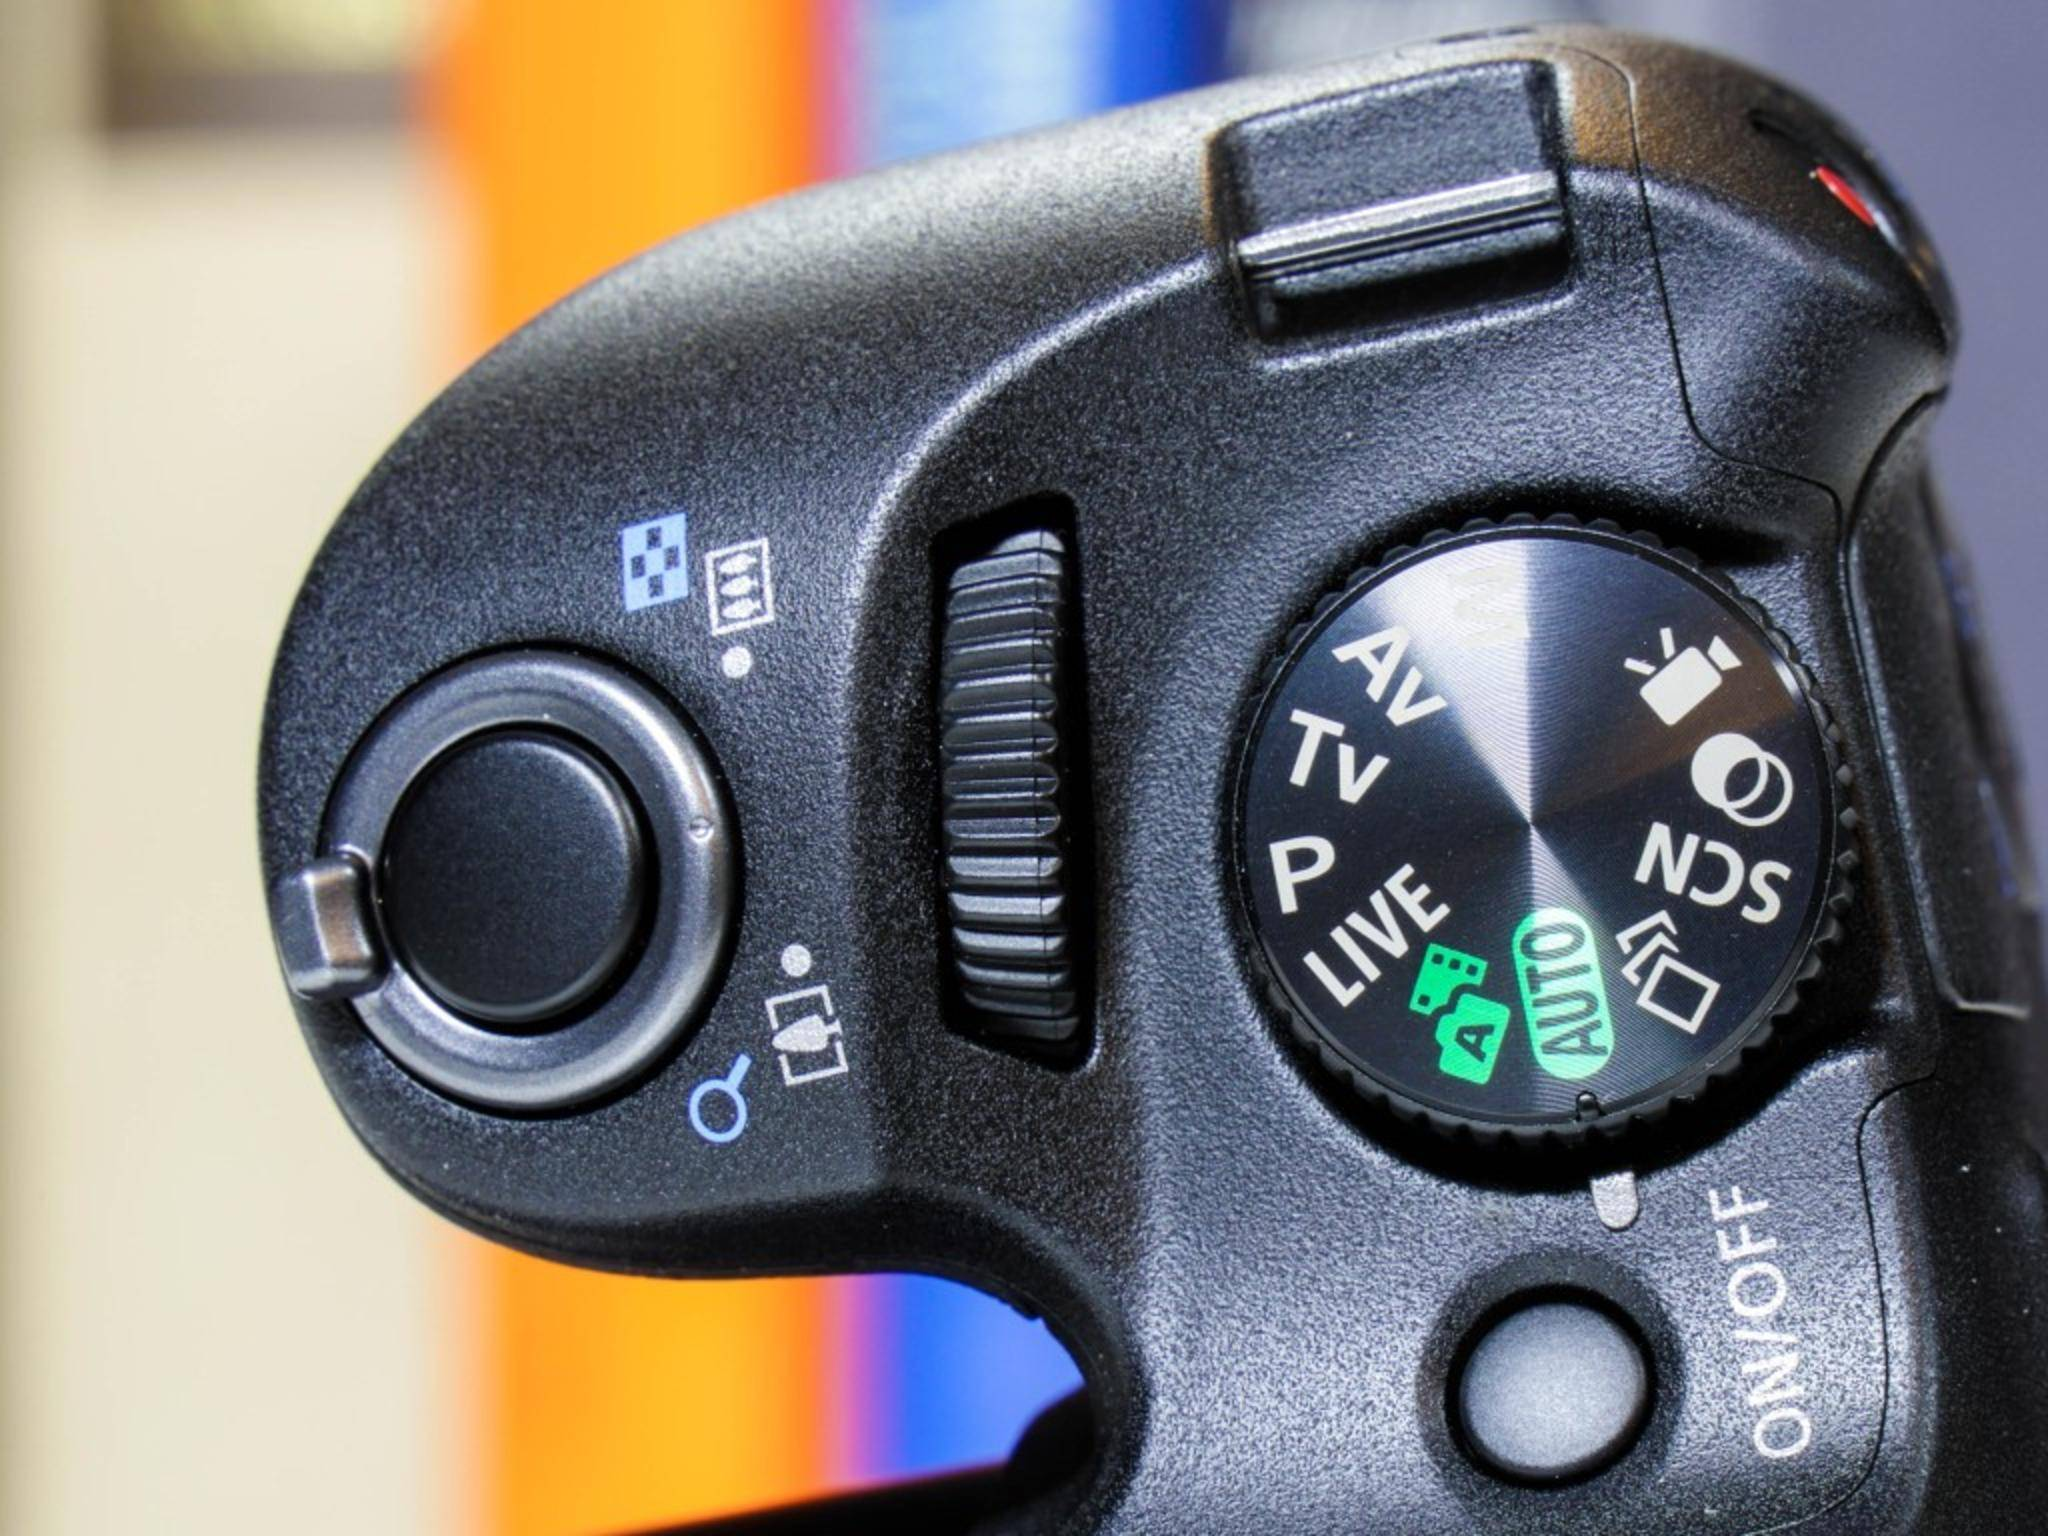 Wer Canon-Kameras kennt, wird sich schnell zurechtfinden.